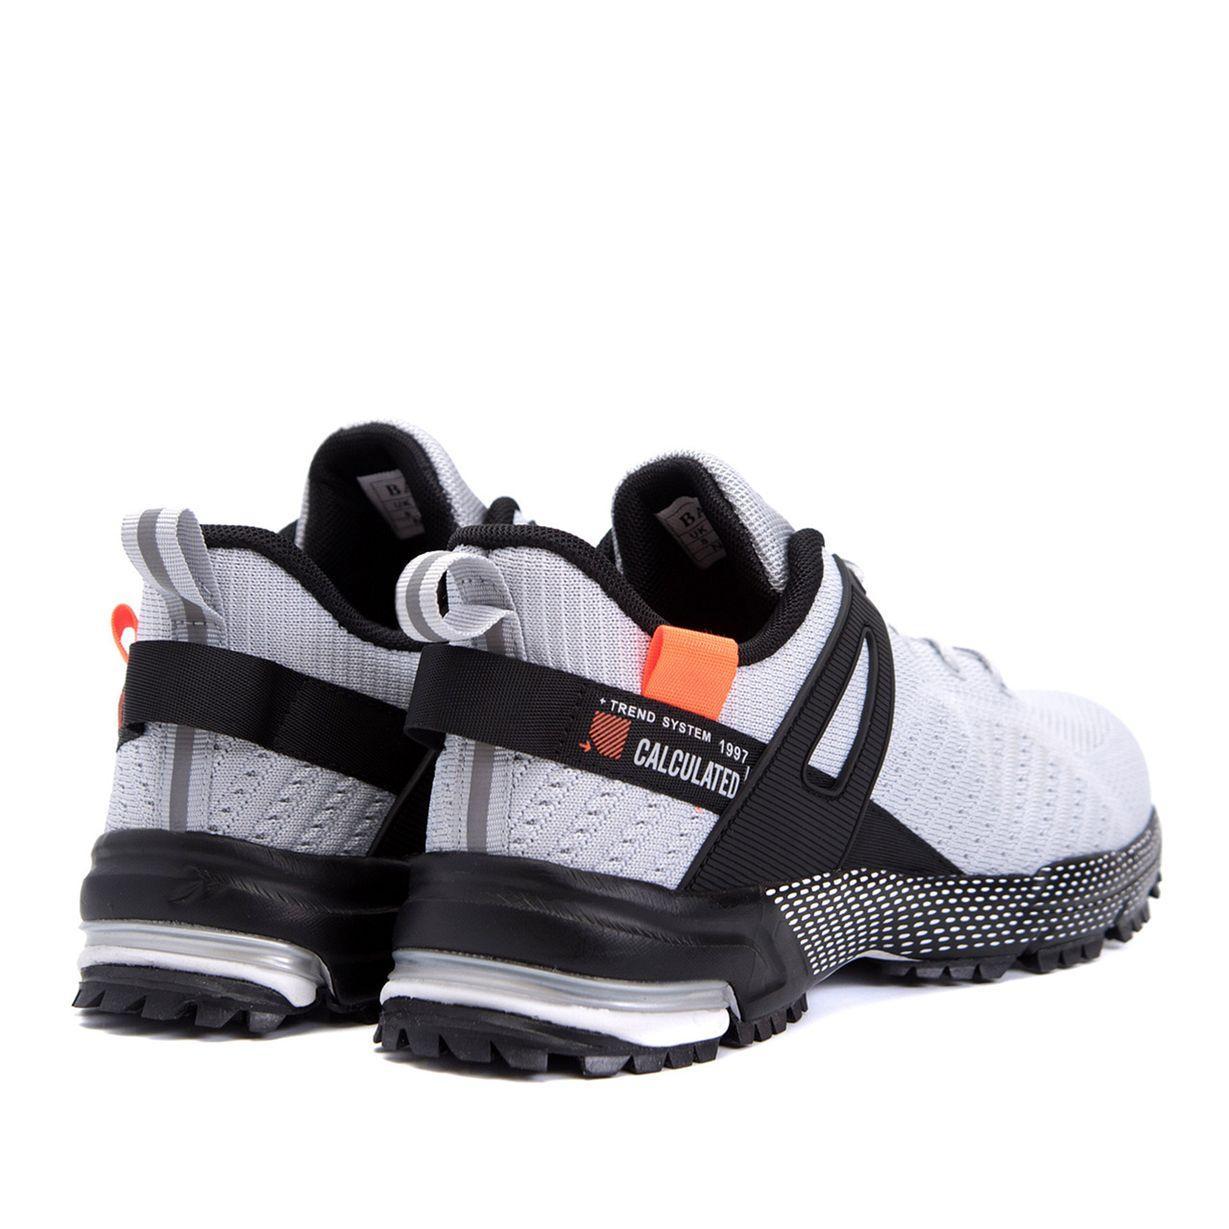 Мужские кроссовки bs trend / Мужская обувь / Мужские белые кроссовки / Чоловічі кросівки / Чоловіче взуття